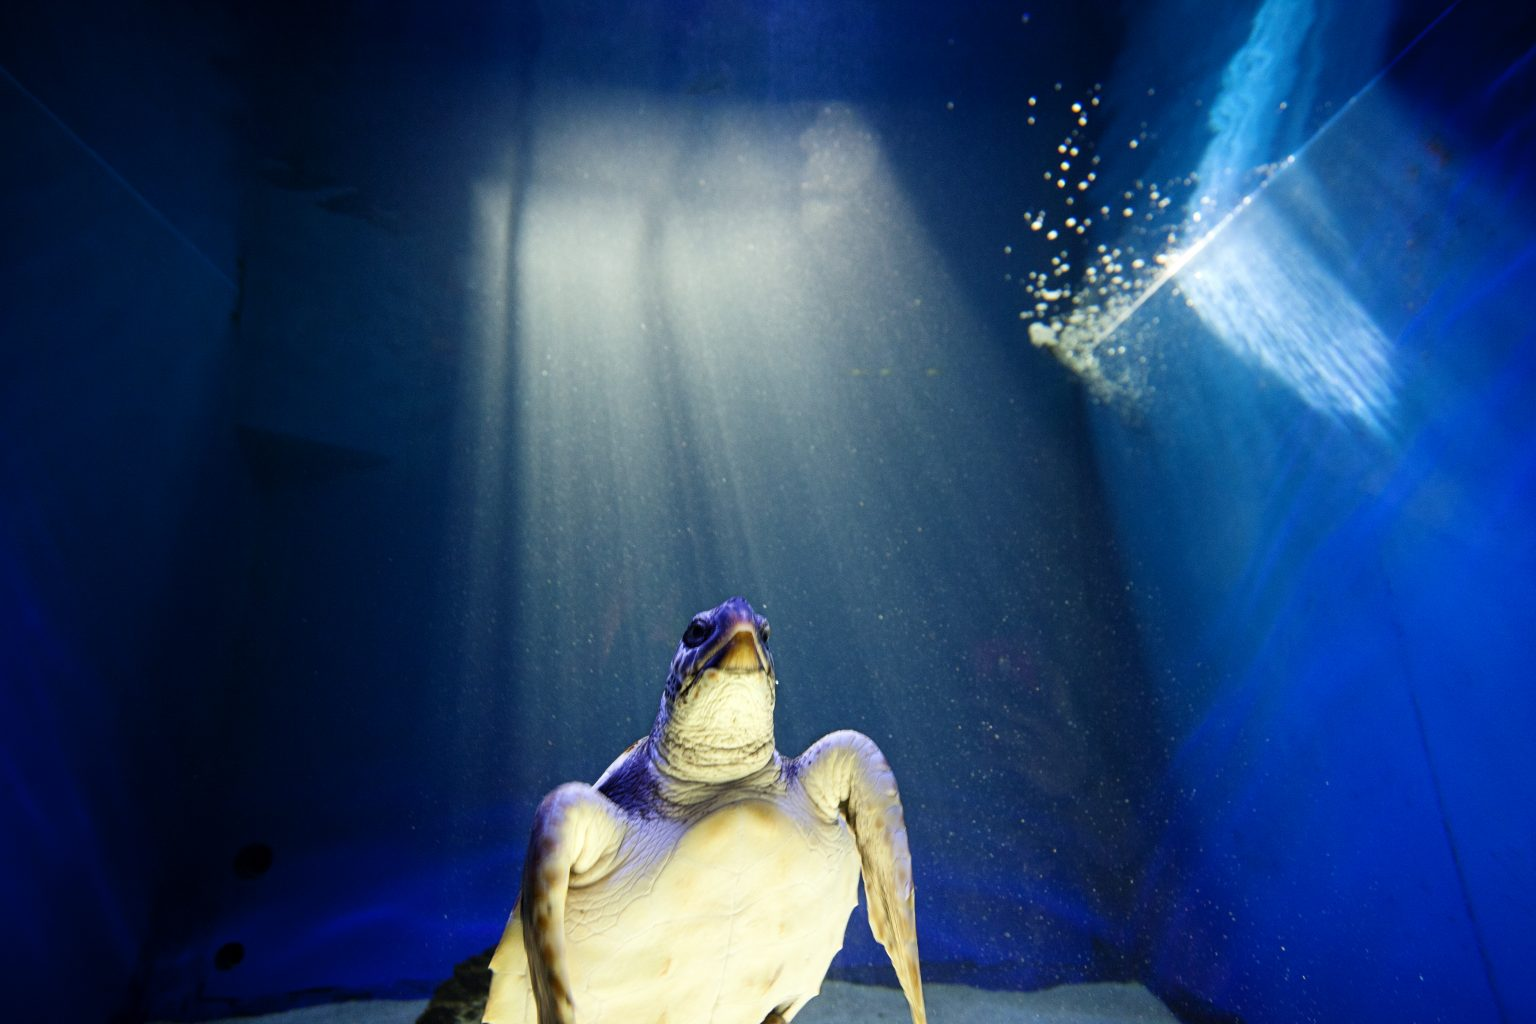 Cattolica (Italy), April 2013 - aquarium, Loggerhead sea turtle. >< Cattolica, aprile 2013 - acquario, tartaruga caretta caretta.